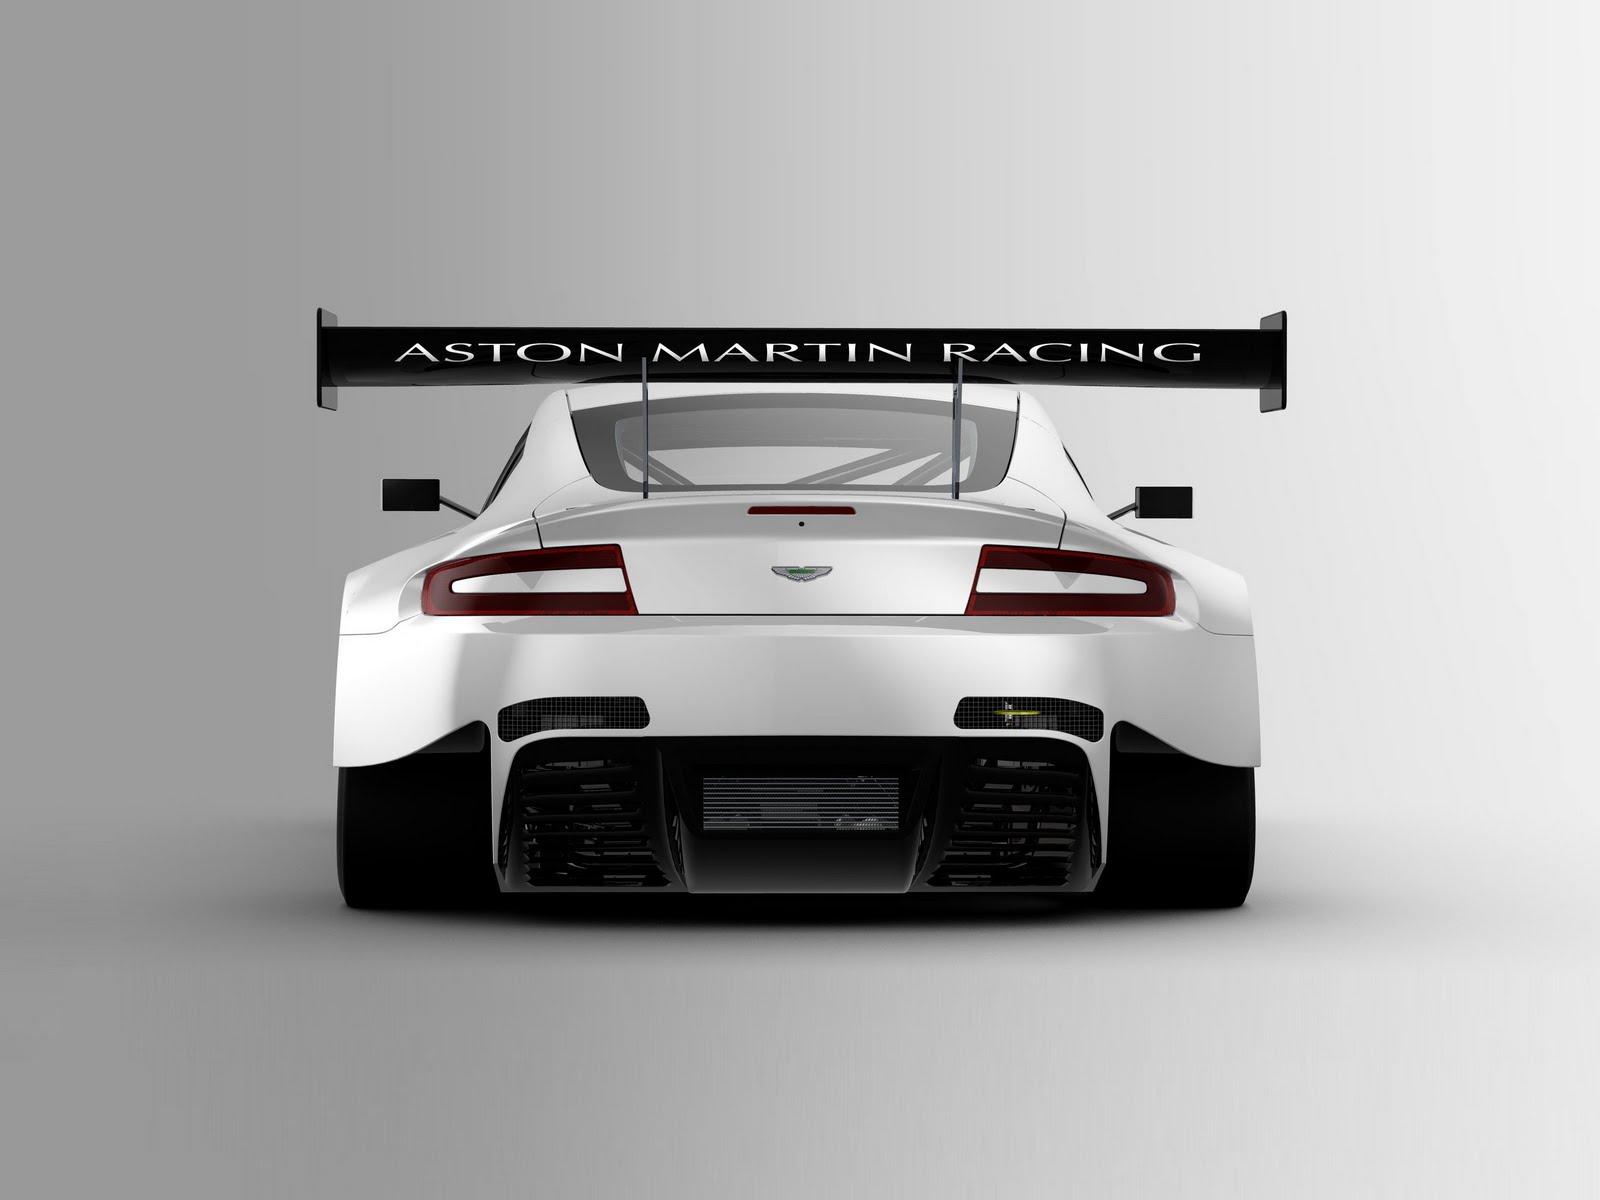 http://4.bp.blogspot.com/-JQXUR6b6tVc/Tm6guPJmc0I/AAAAAAAADVw/pqjhOLjOfSQ/s1600/2012-Aston-Martin-V12-Vantage-GT3-Rear.jpg